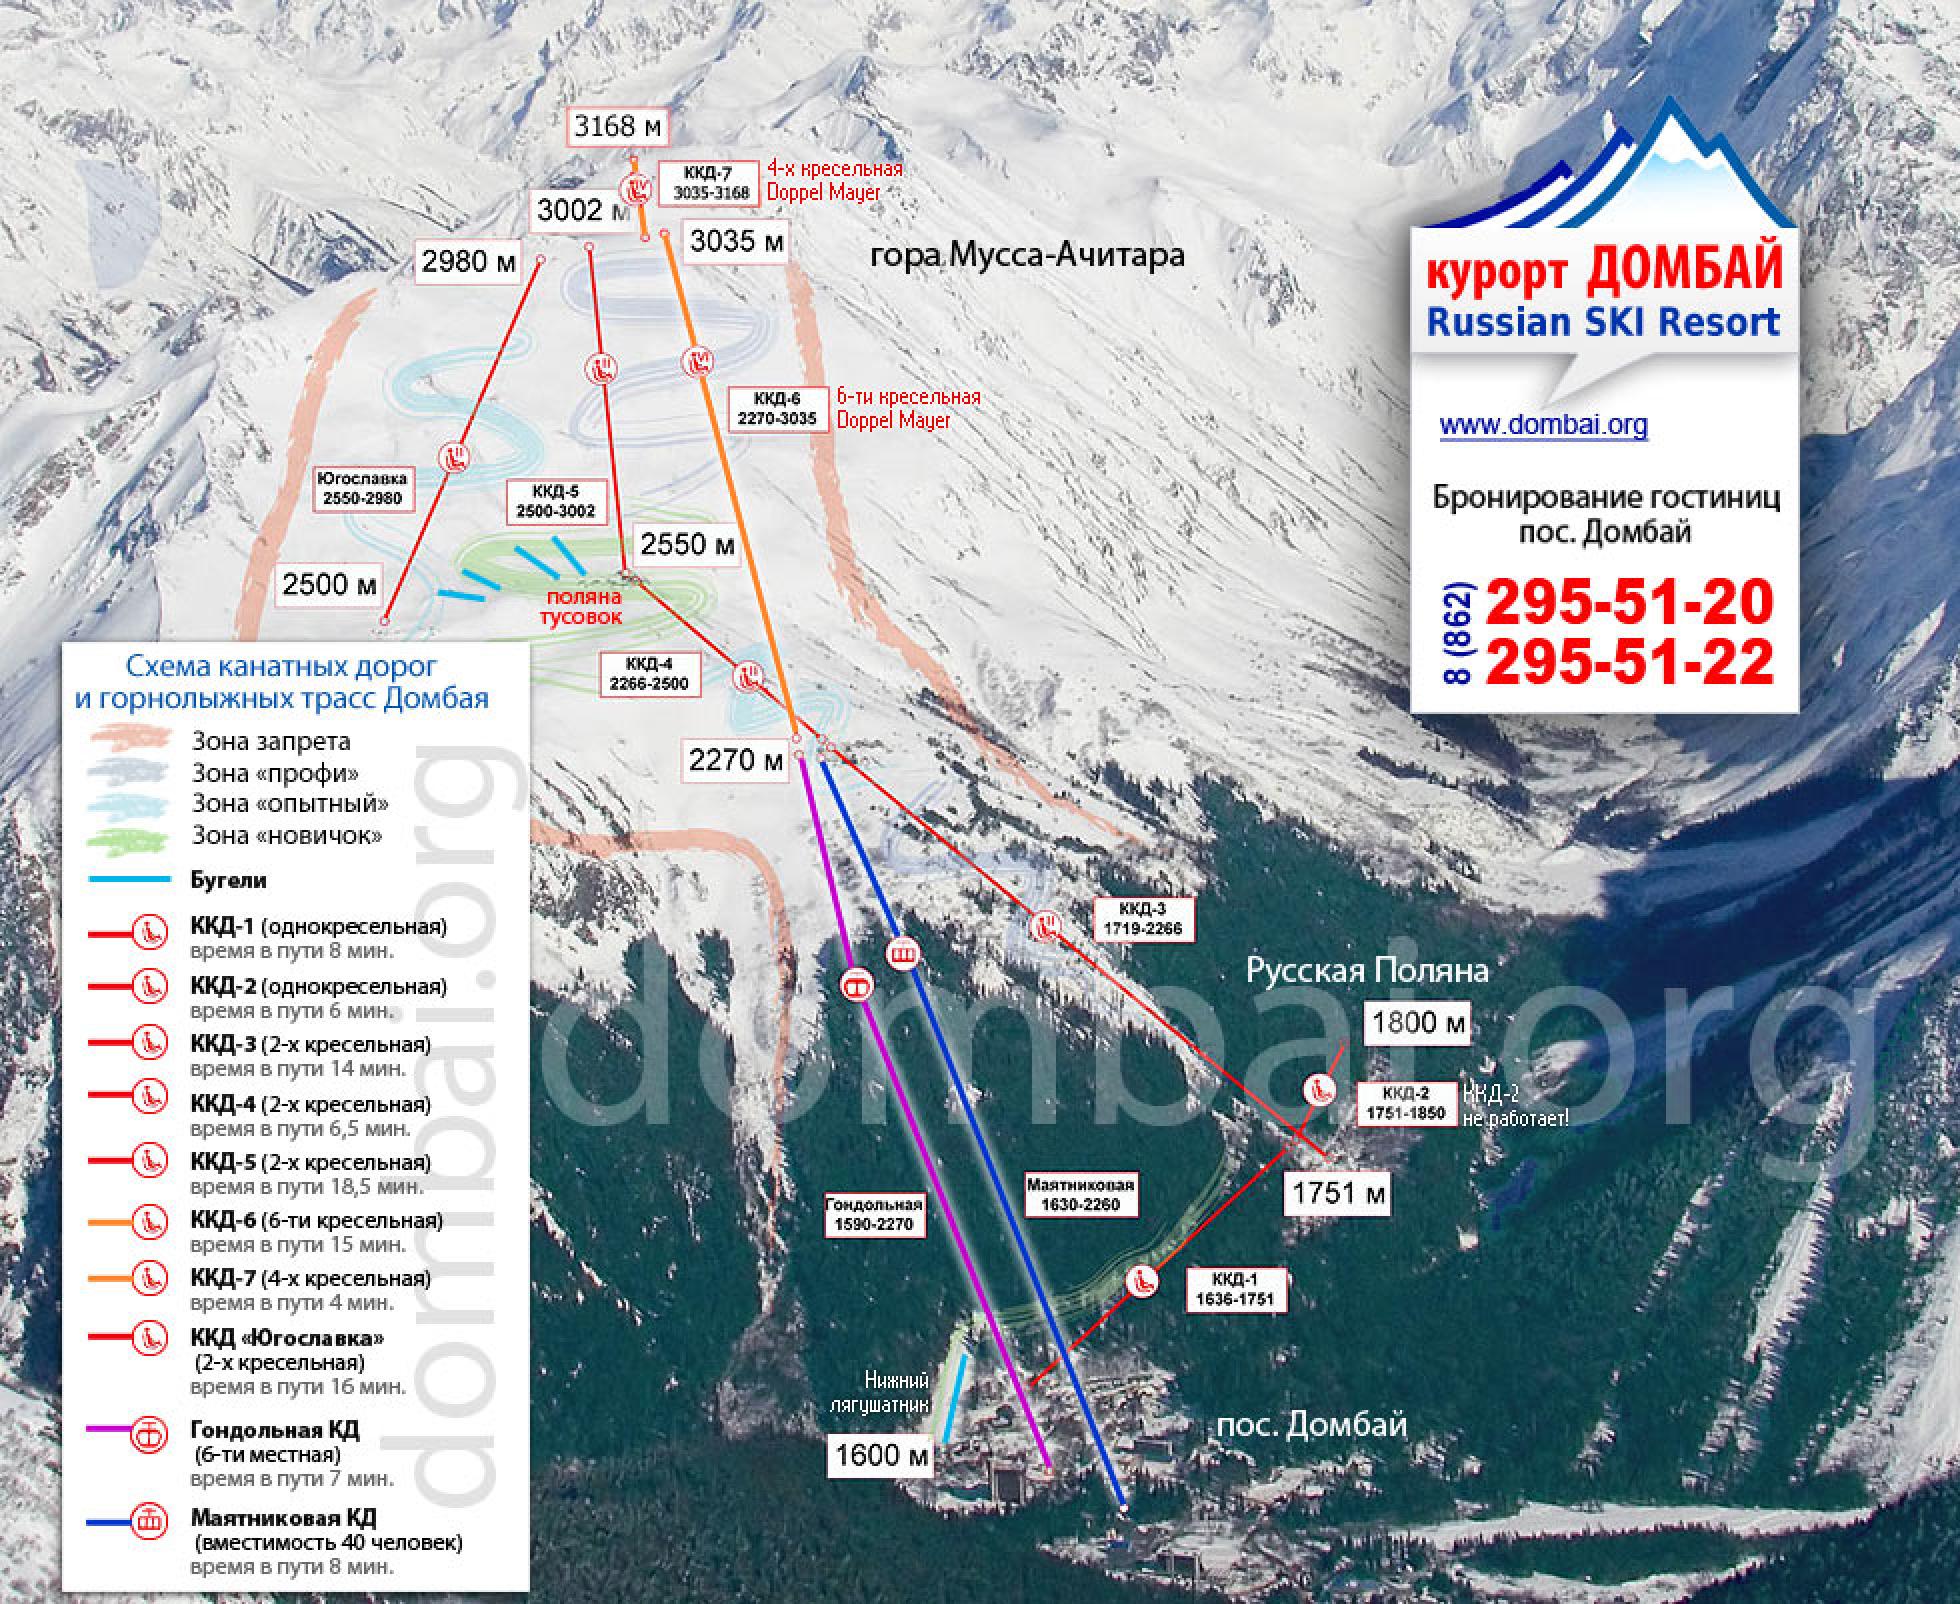 Карта-схема канатных дорог Домбая. Источник: dombai.org